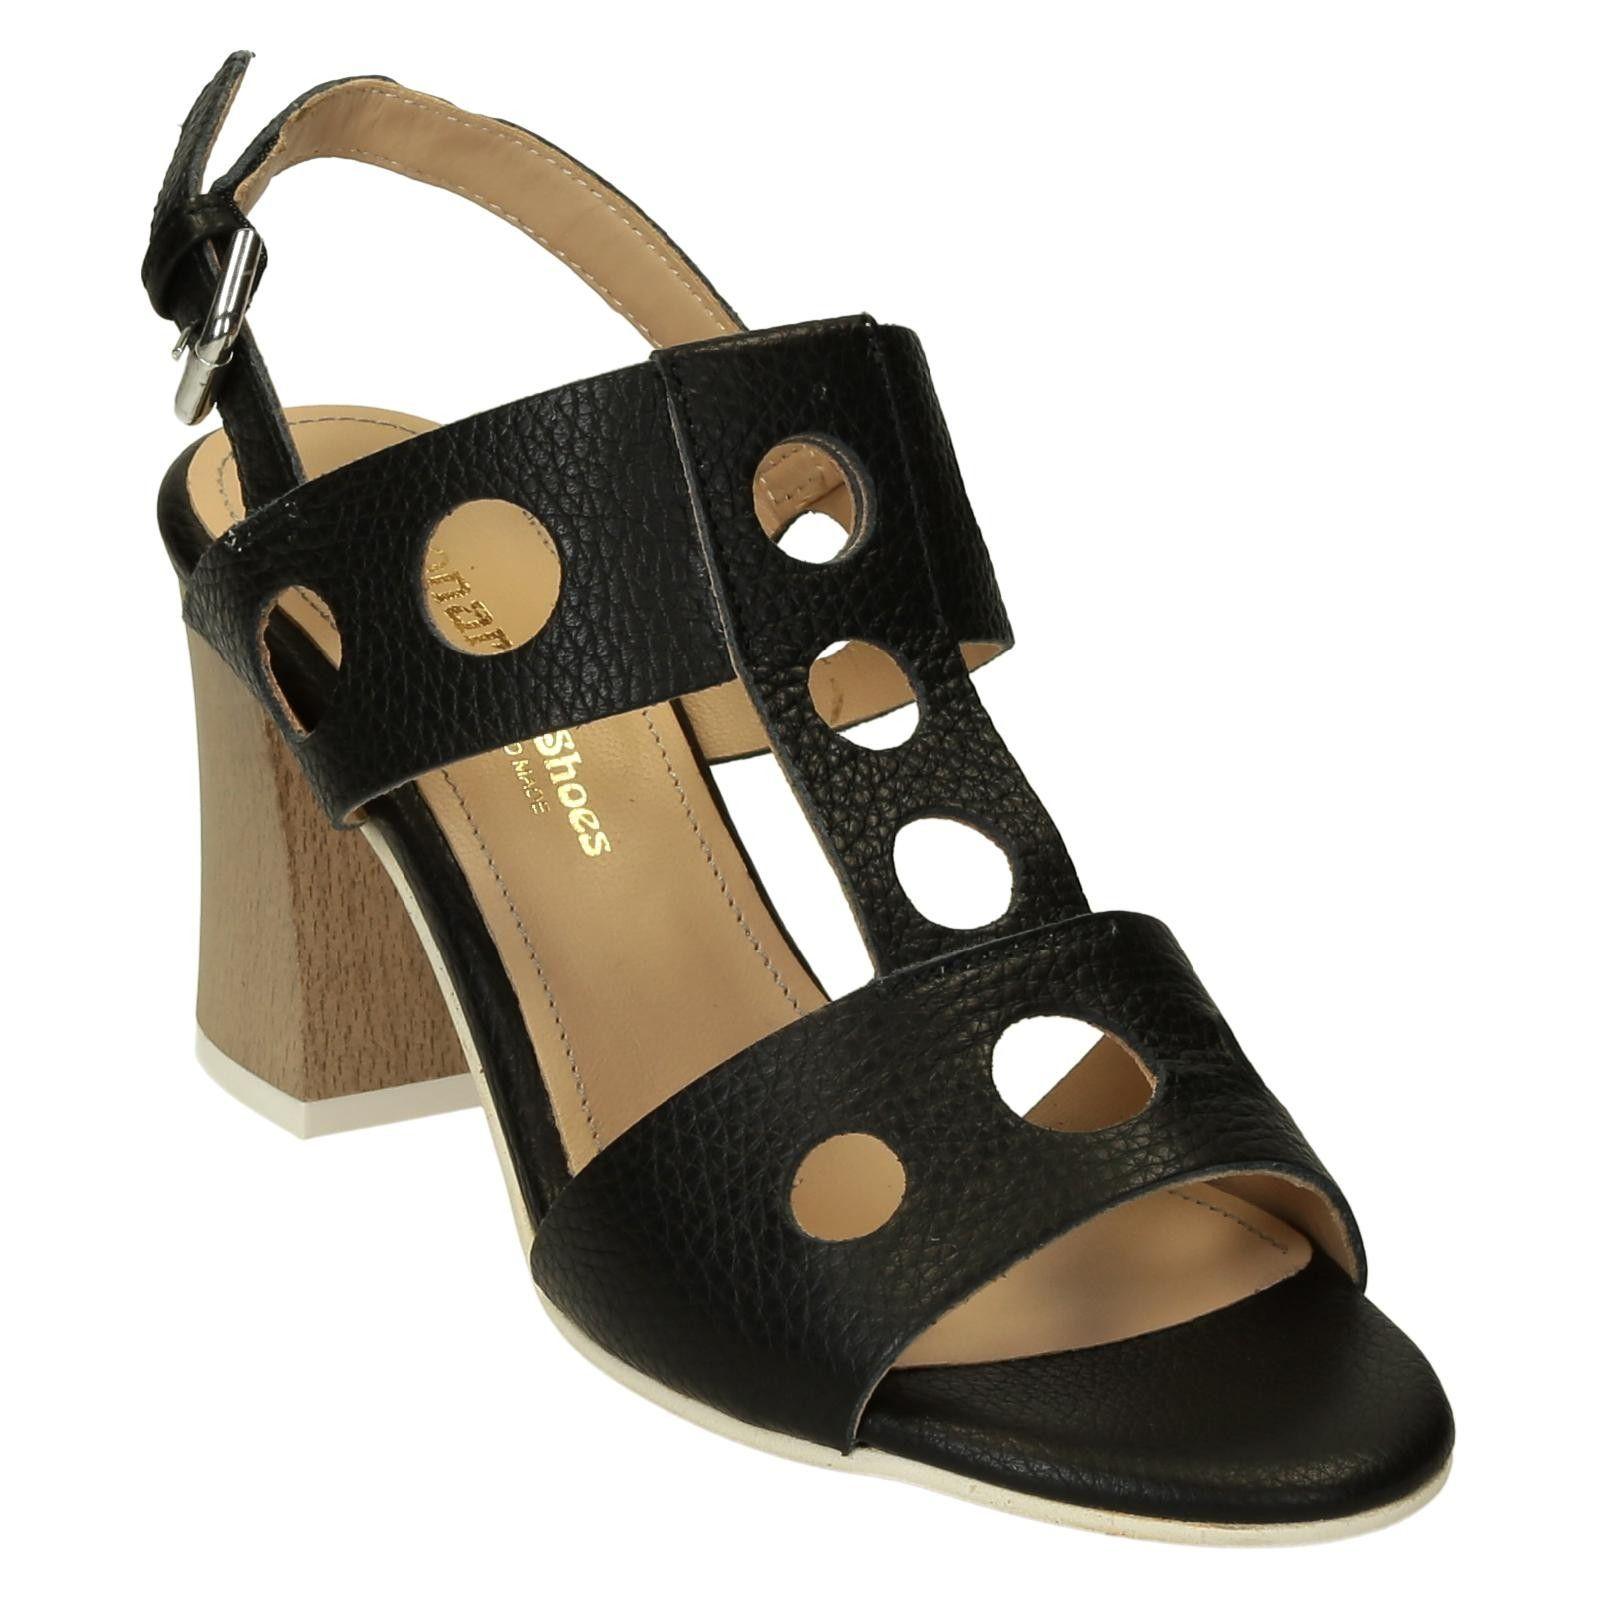 High heels black deer leather sandals handmade in Italy